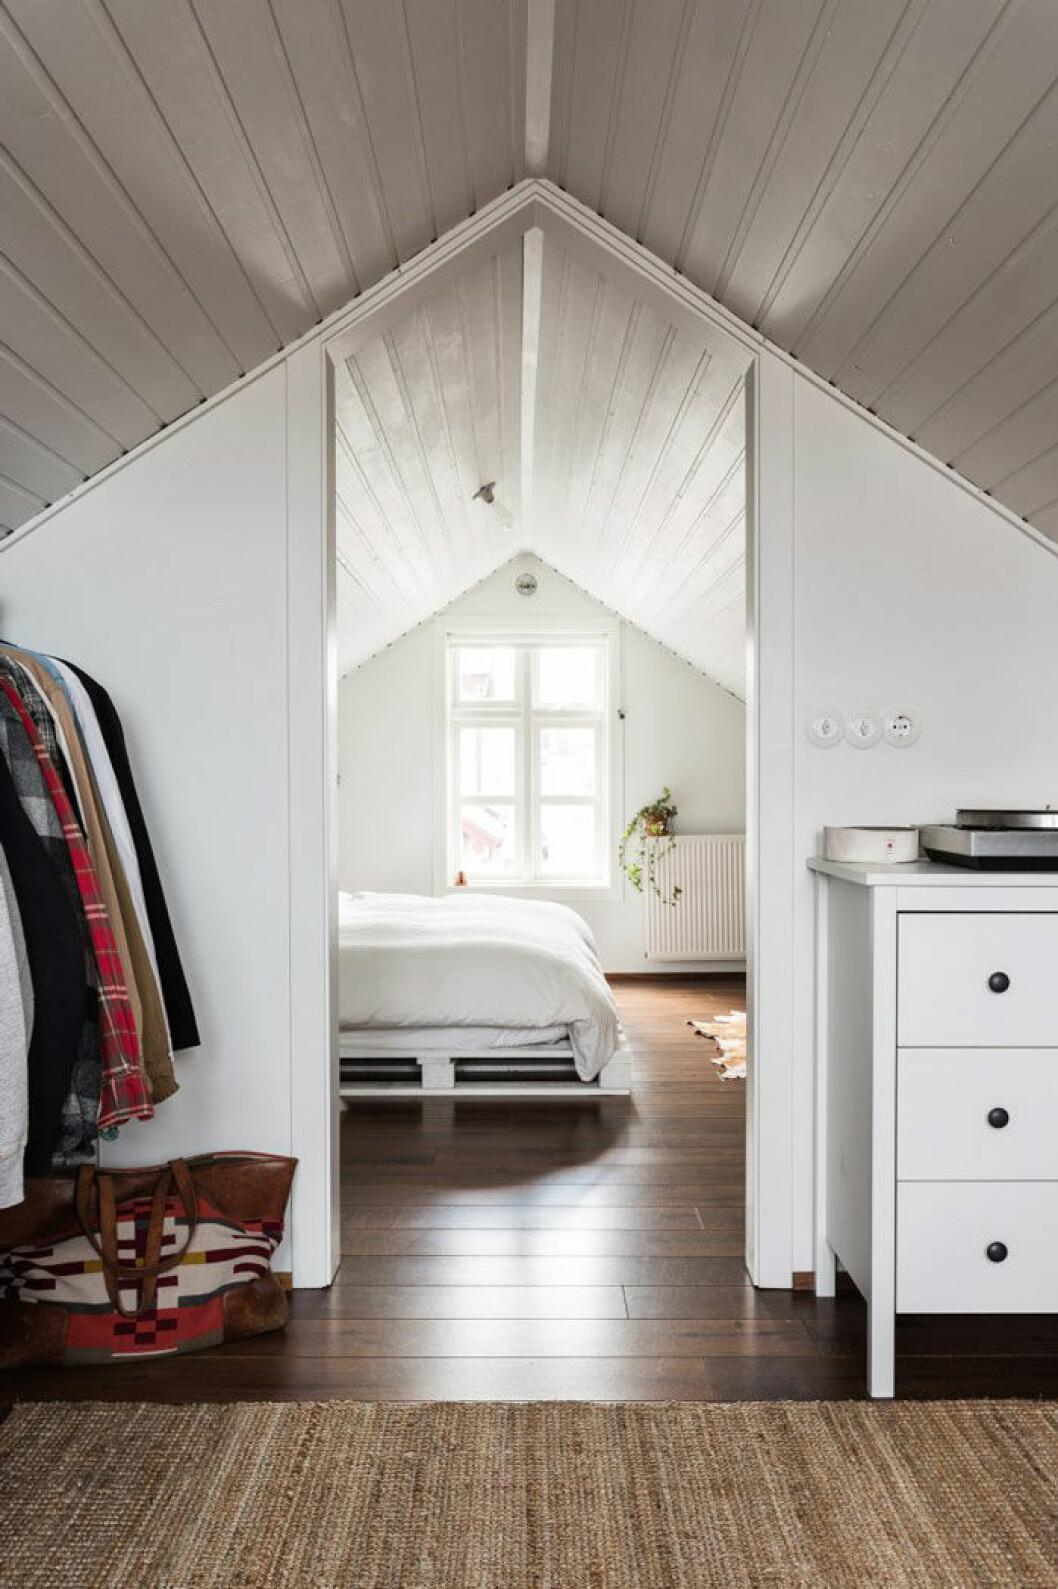 Sovrummet har en säng som Anthony byggt av gamla lastpallar. Husets vind har konverterats till ett loft med balkong ut mot hamnen och skog åt andra hållet.